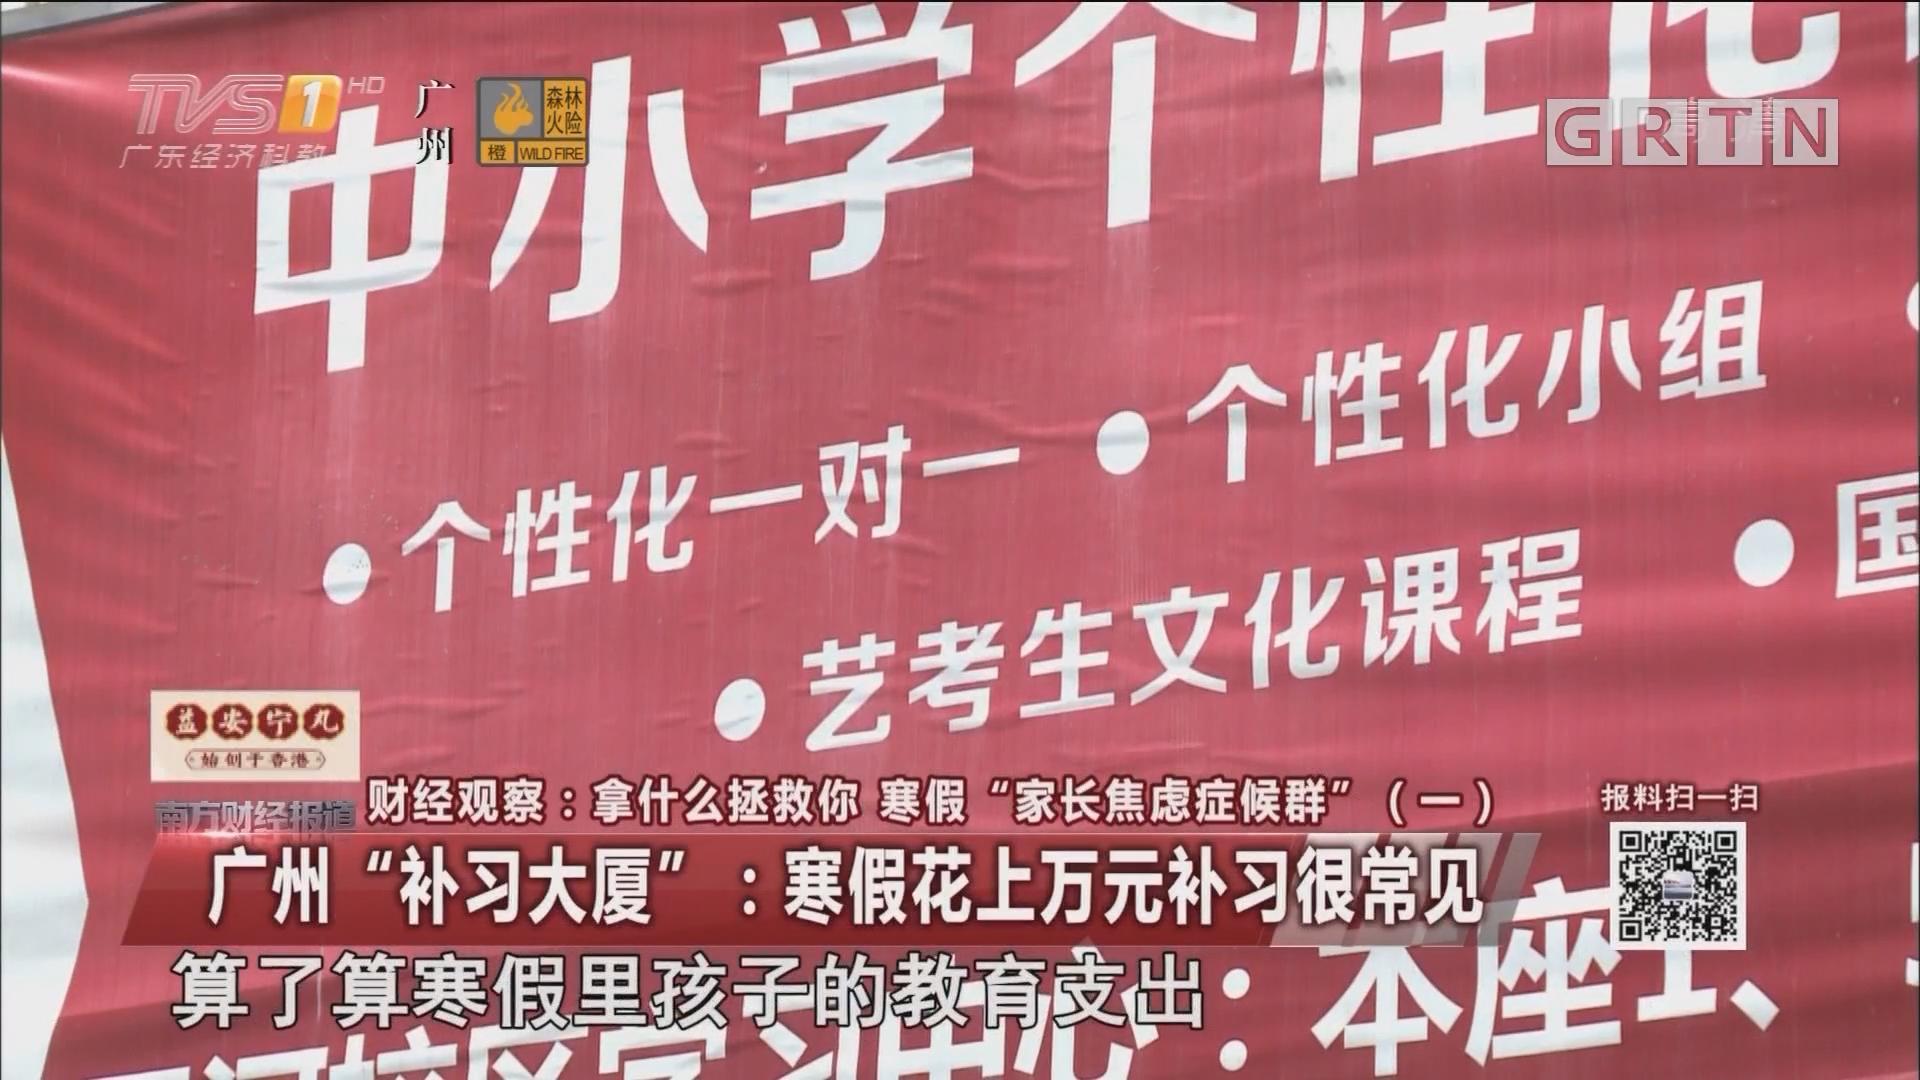 """广州""""补习大厦"""":寒假花上万元补习很常见"""